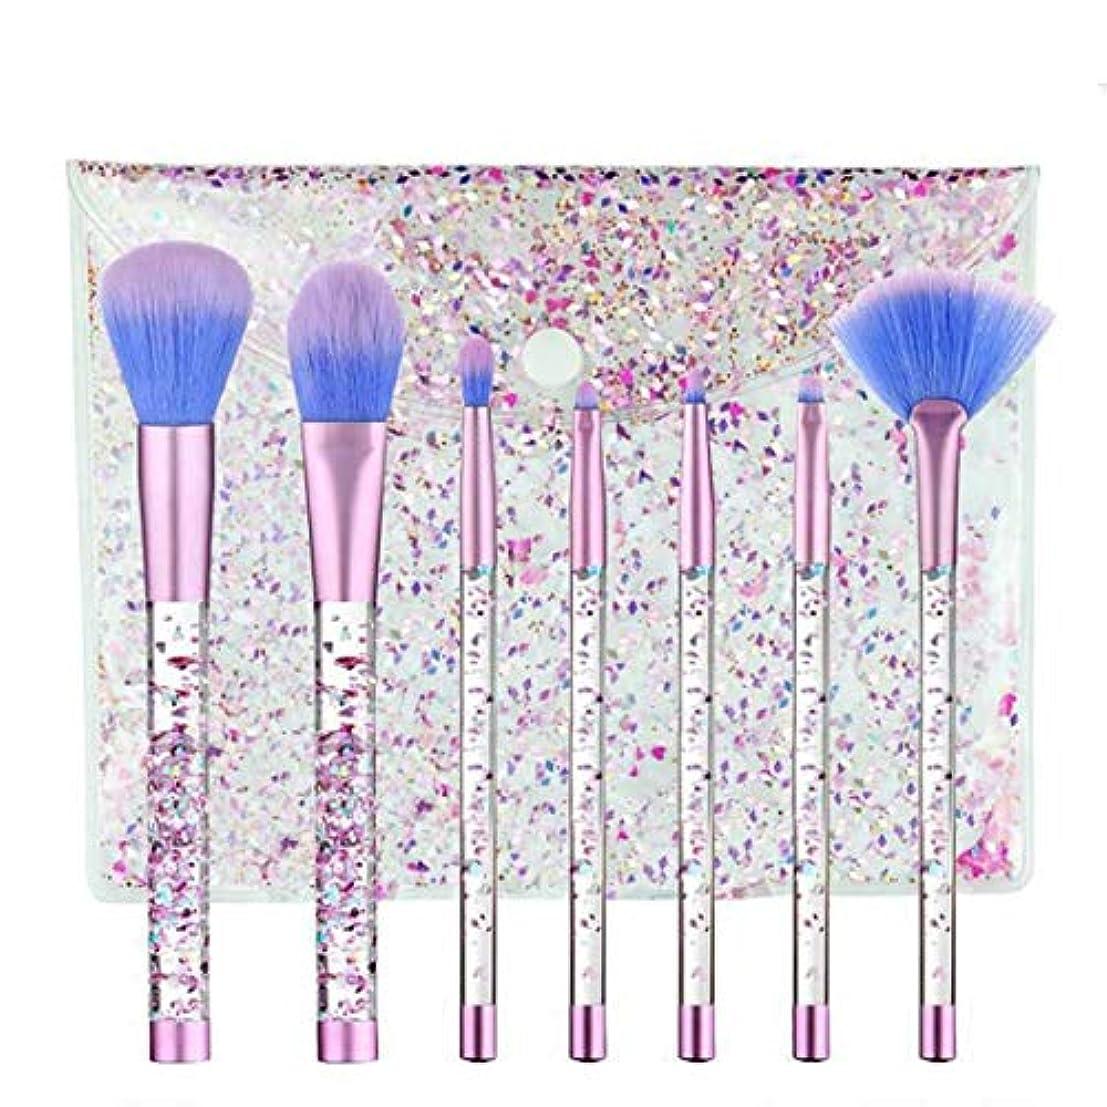 はがき意味のある海岸Makeup brushes アクリルハンドル、ナイロンヘア、クリスタルポーチ、7パック液晶クリスタル化粧ブラシセット流砂グリッター化粧ブラシセット suits (Color : Blue Purple)